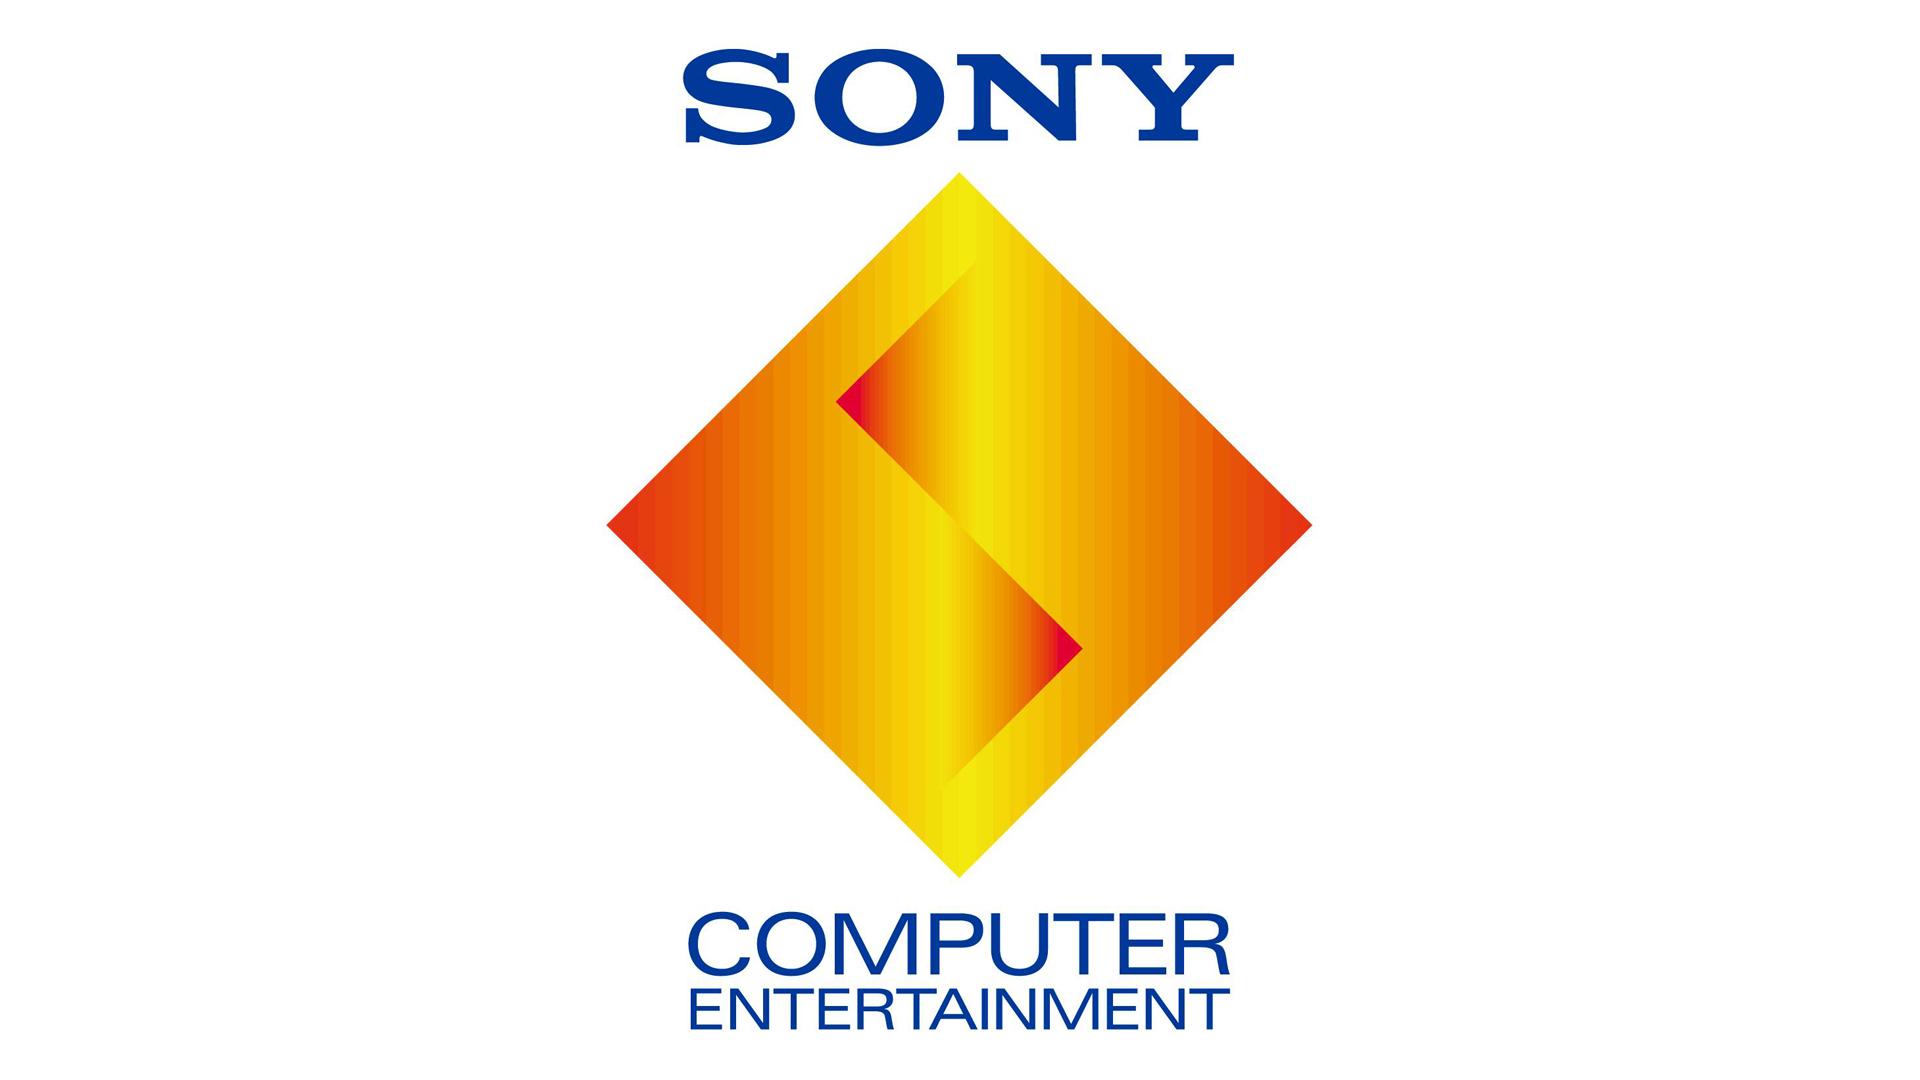 Sony официально объявили о более 30.000.000 проданных консолей PS4 по всему миру! - Изображение 1